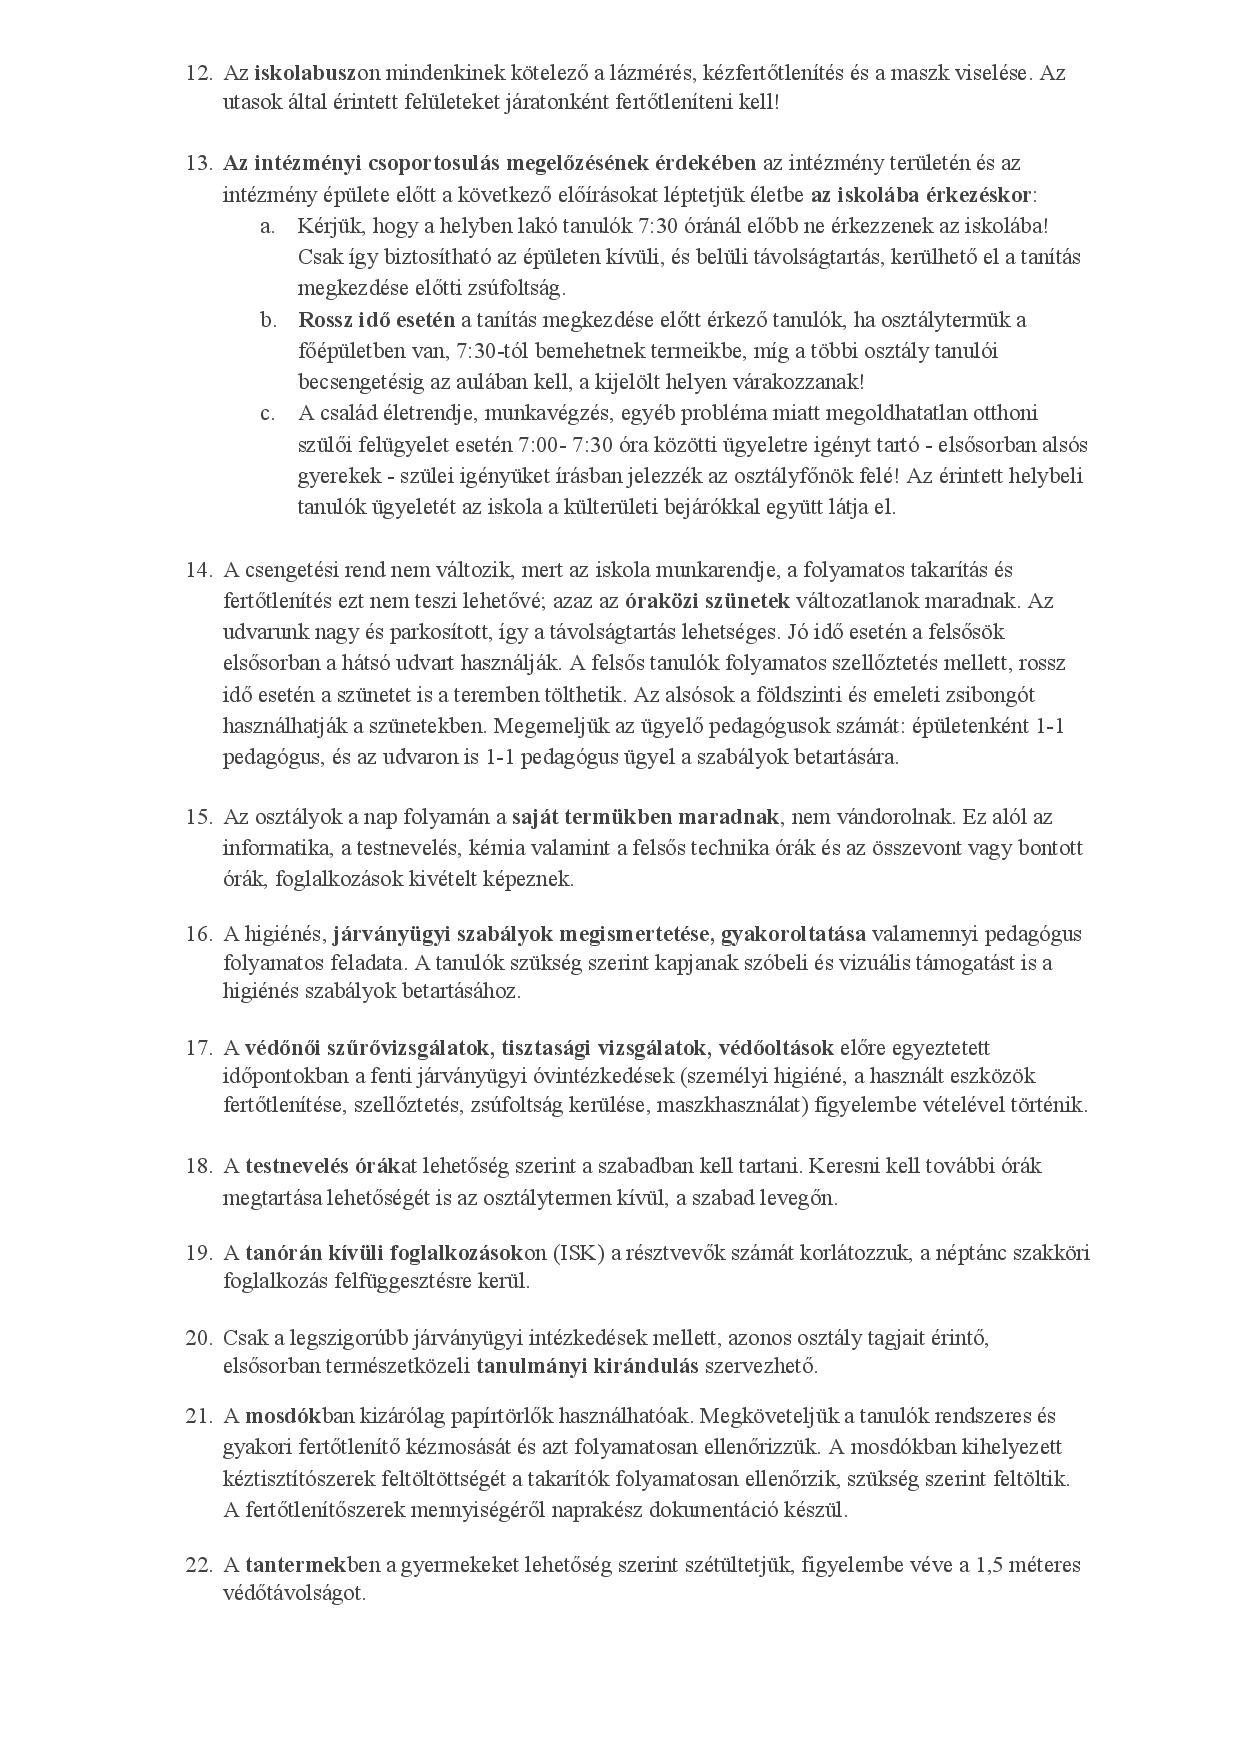 ISKOLAI JÁRVÁNYÜGYI PROTOKOLL-page-002